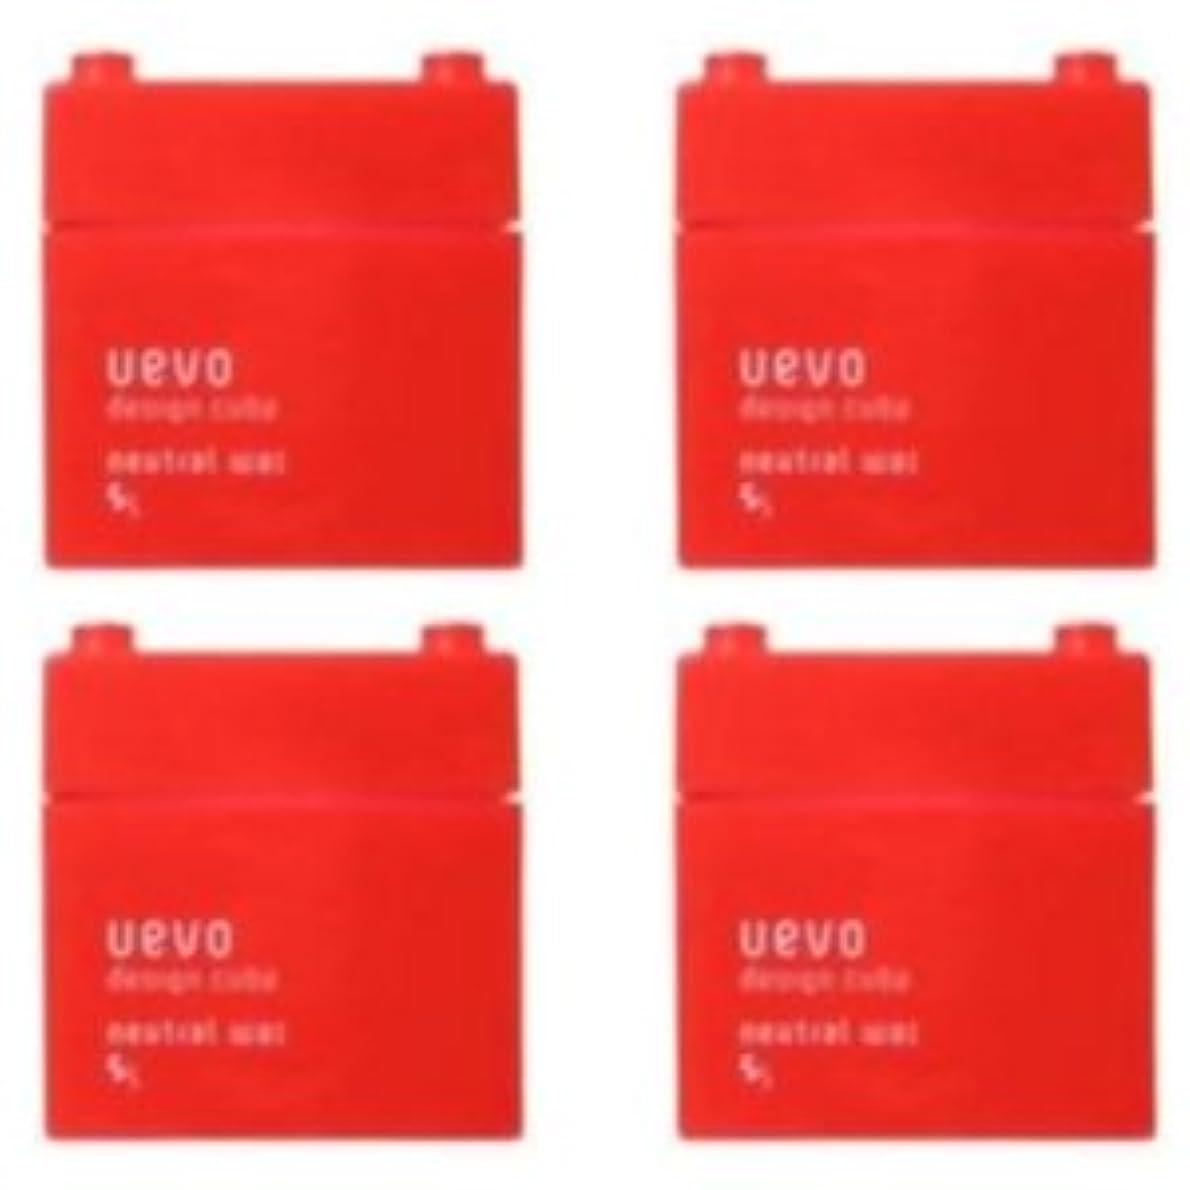 時間肺炎ゆるい【X4個セット】 デミ ウェーボ デザインキューブ ニュートラルワックス 80g neutral wax DEMI uevo design cube